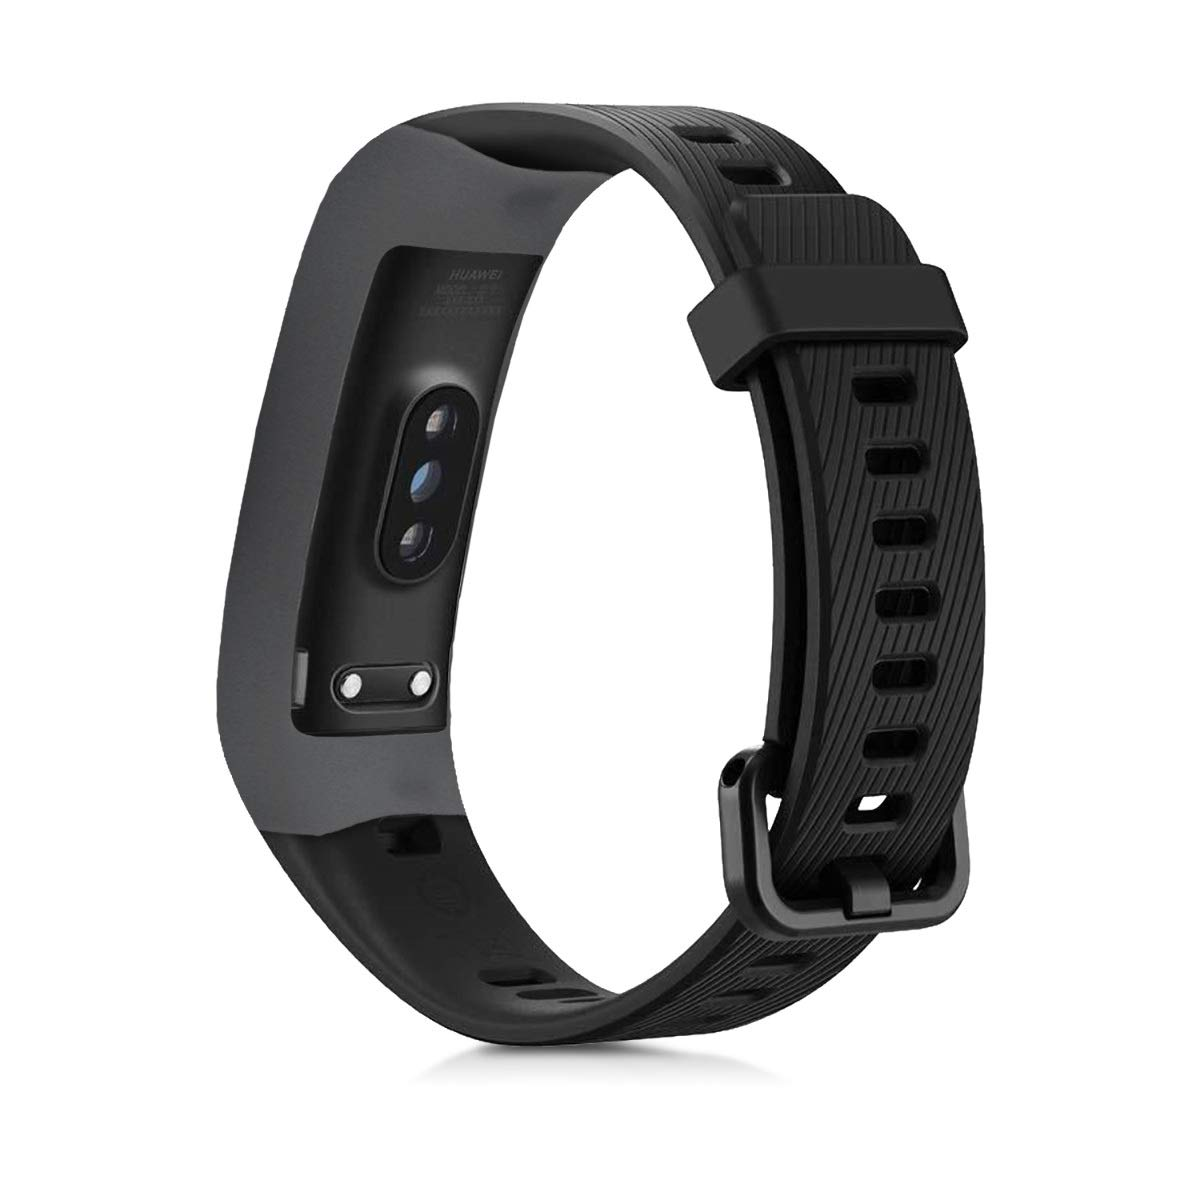 kwmobile 2 Fundas para Huawei Honor Band 3 / Band 3 Pro - Cubierta para Monitor de Actividad de Silicona - Case Negro/Gris